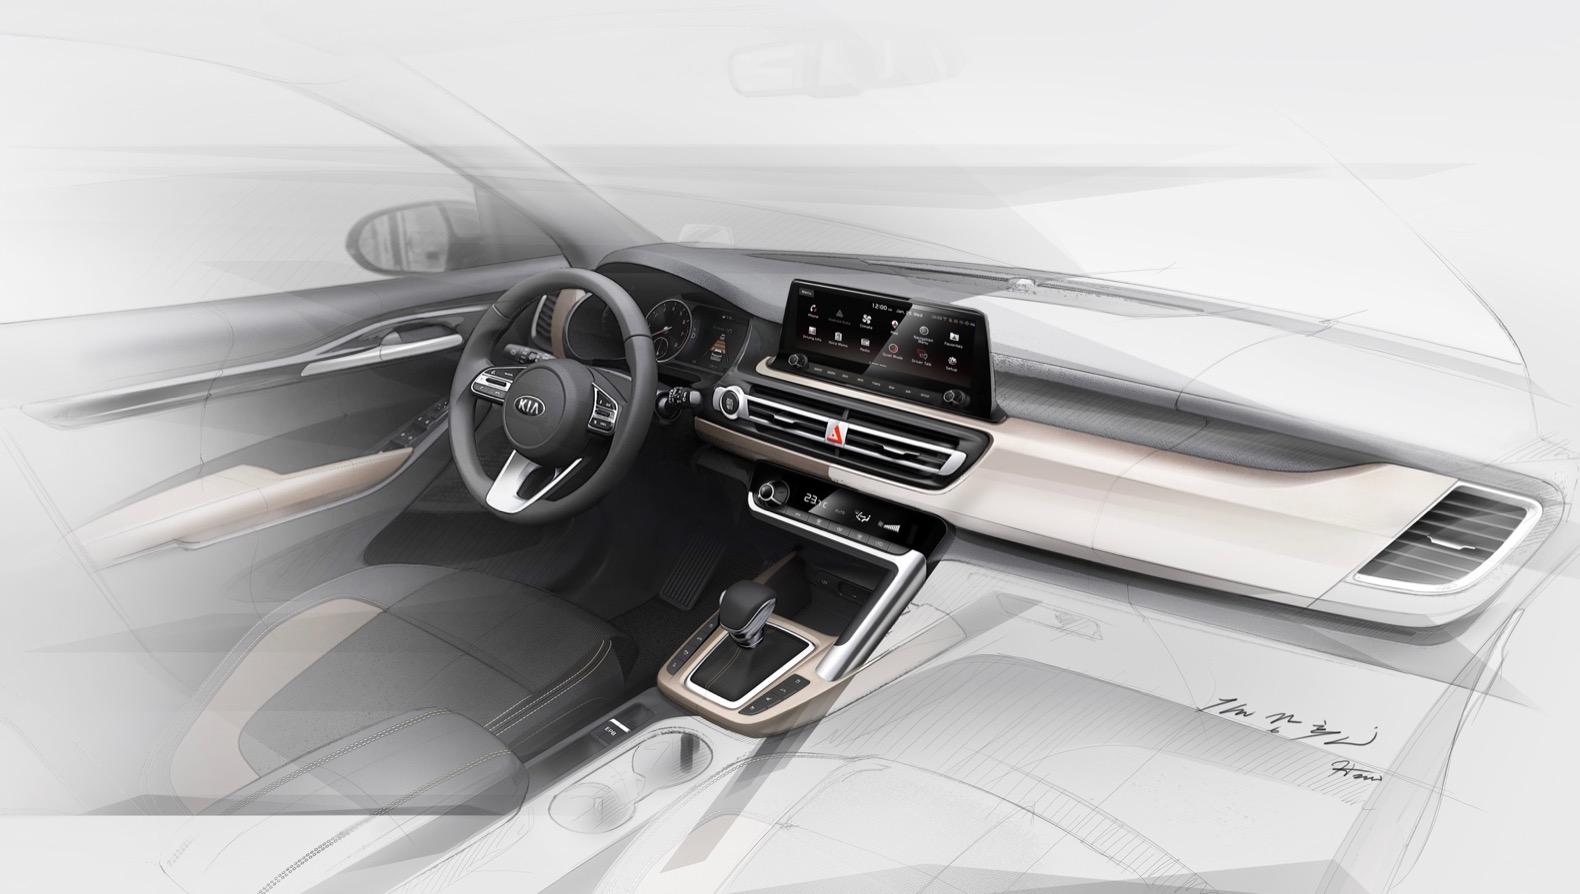 2020 Kia small SUV interior gets a 10 25-inch screen   The